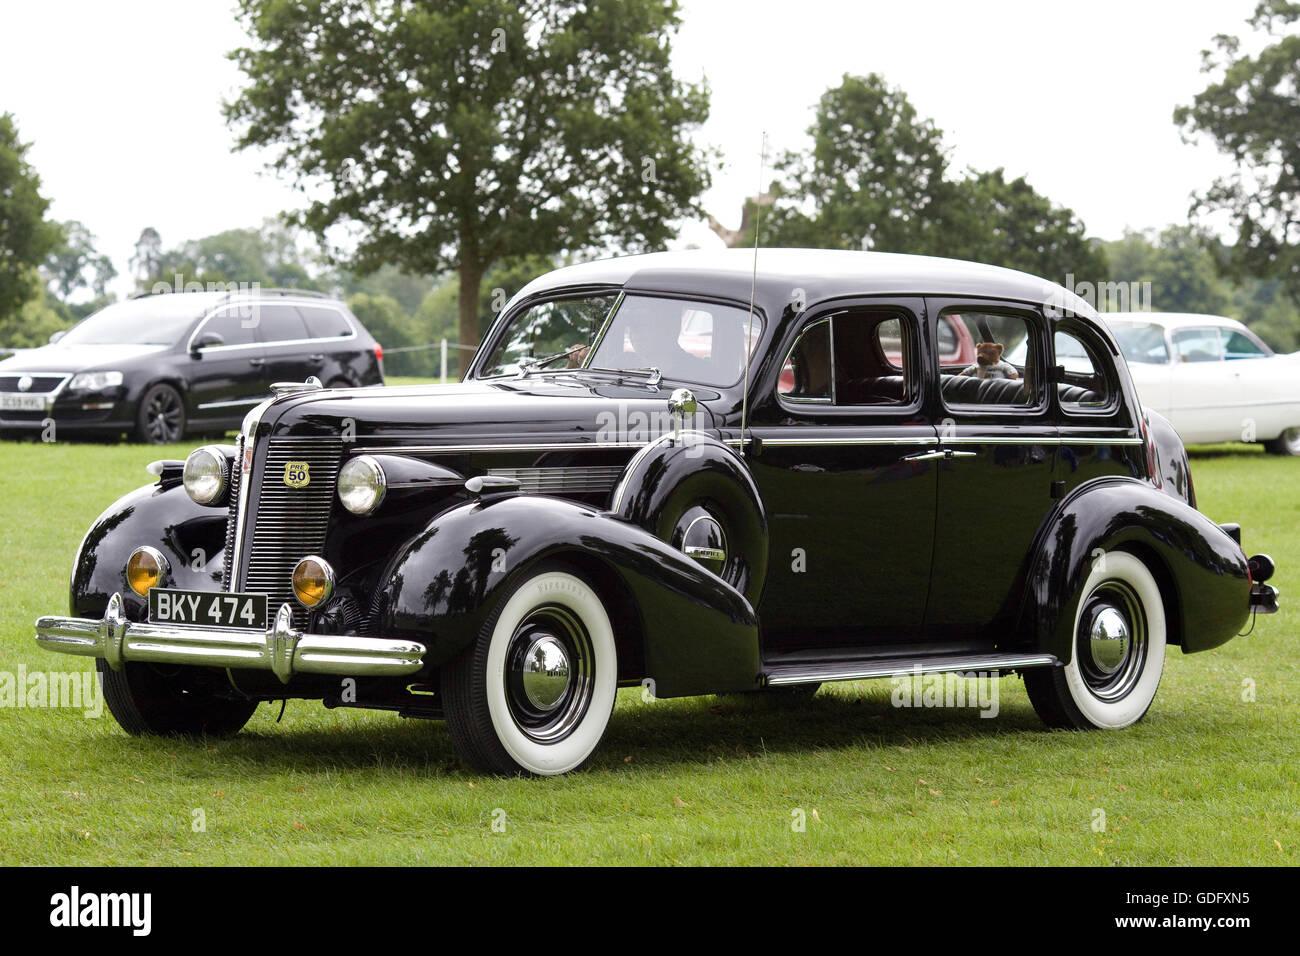 1937 buick special series 40 model 41 4 door trunkback for 1937 buick 4 door sedan